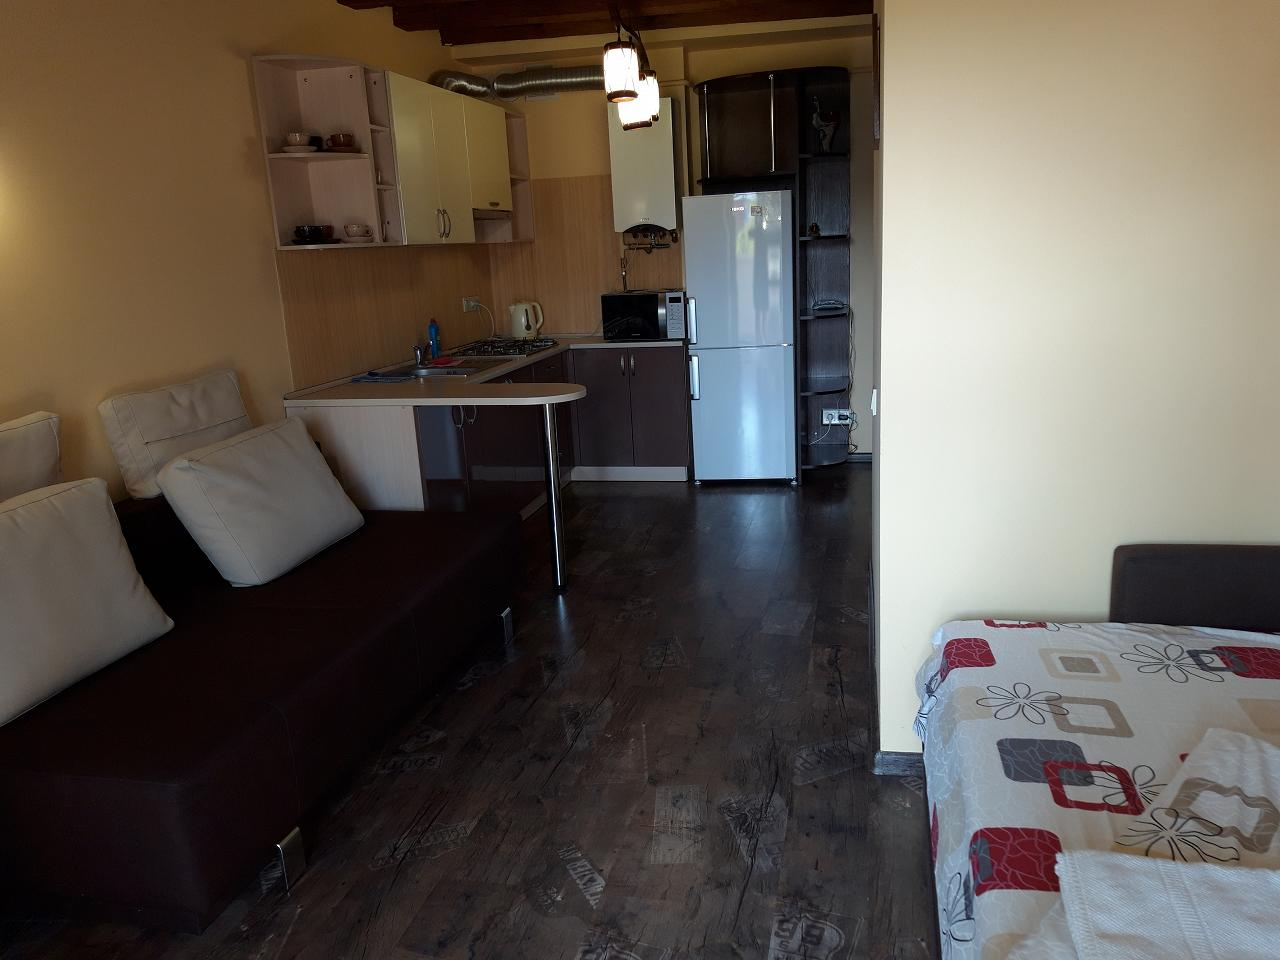 1-pokojowe mieszkanie dobowe, Lwów, plac Рынок, 18 (3)